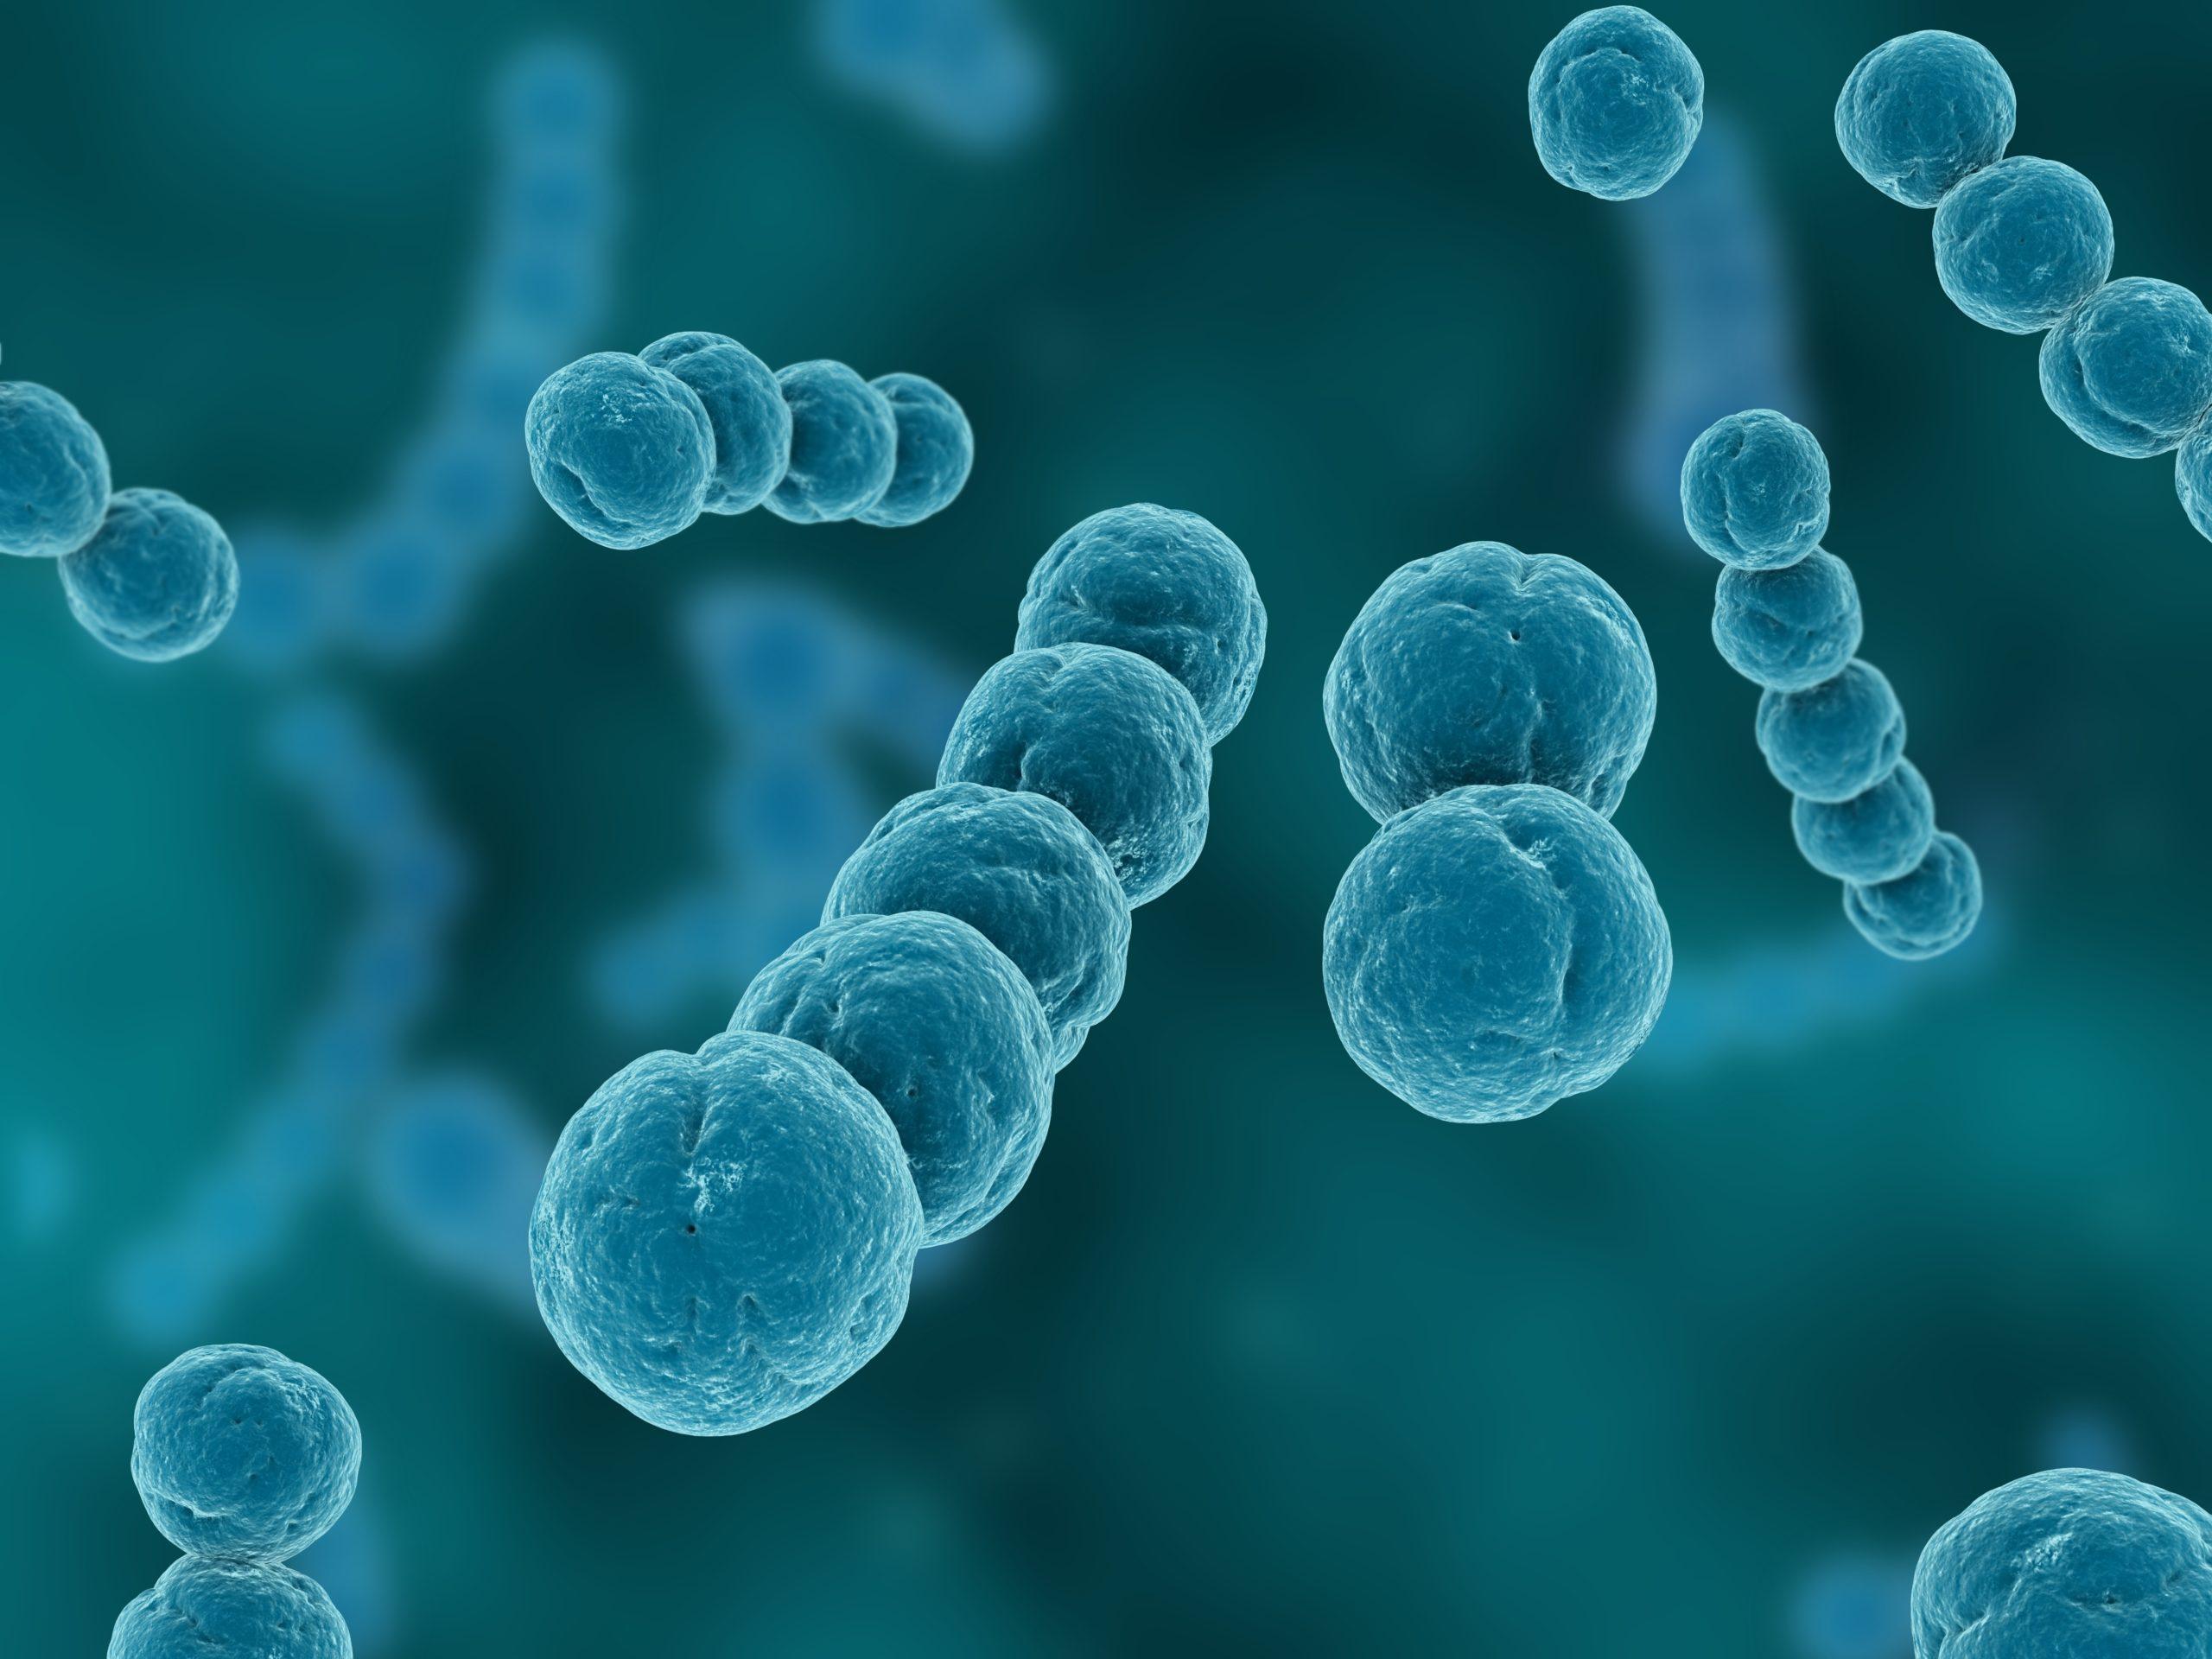 патогенные стрептококки